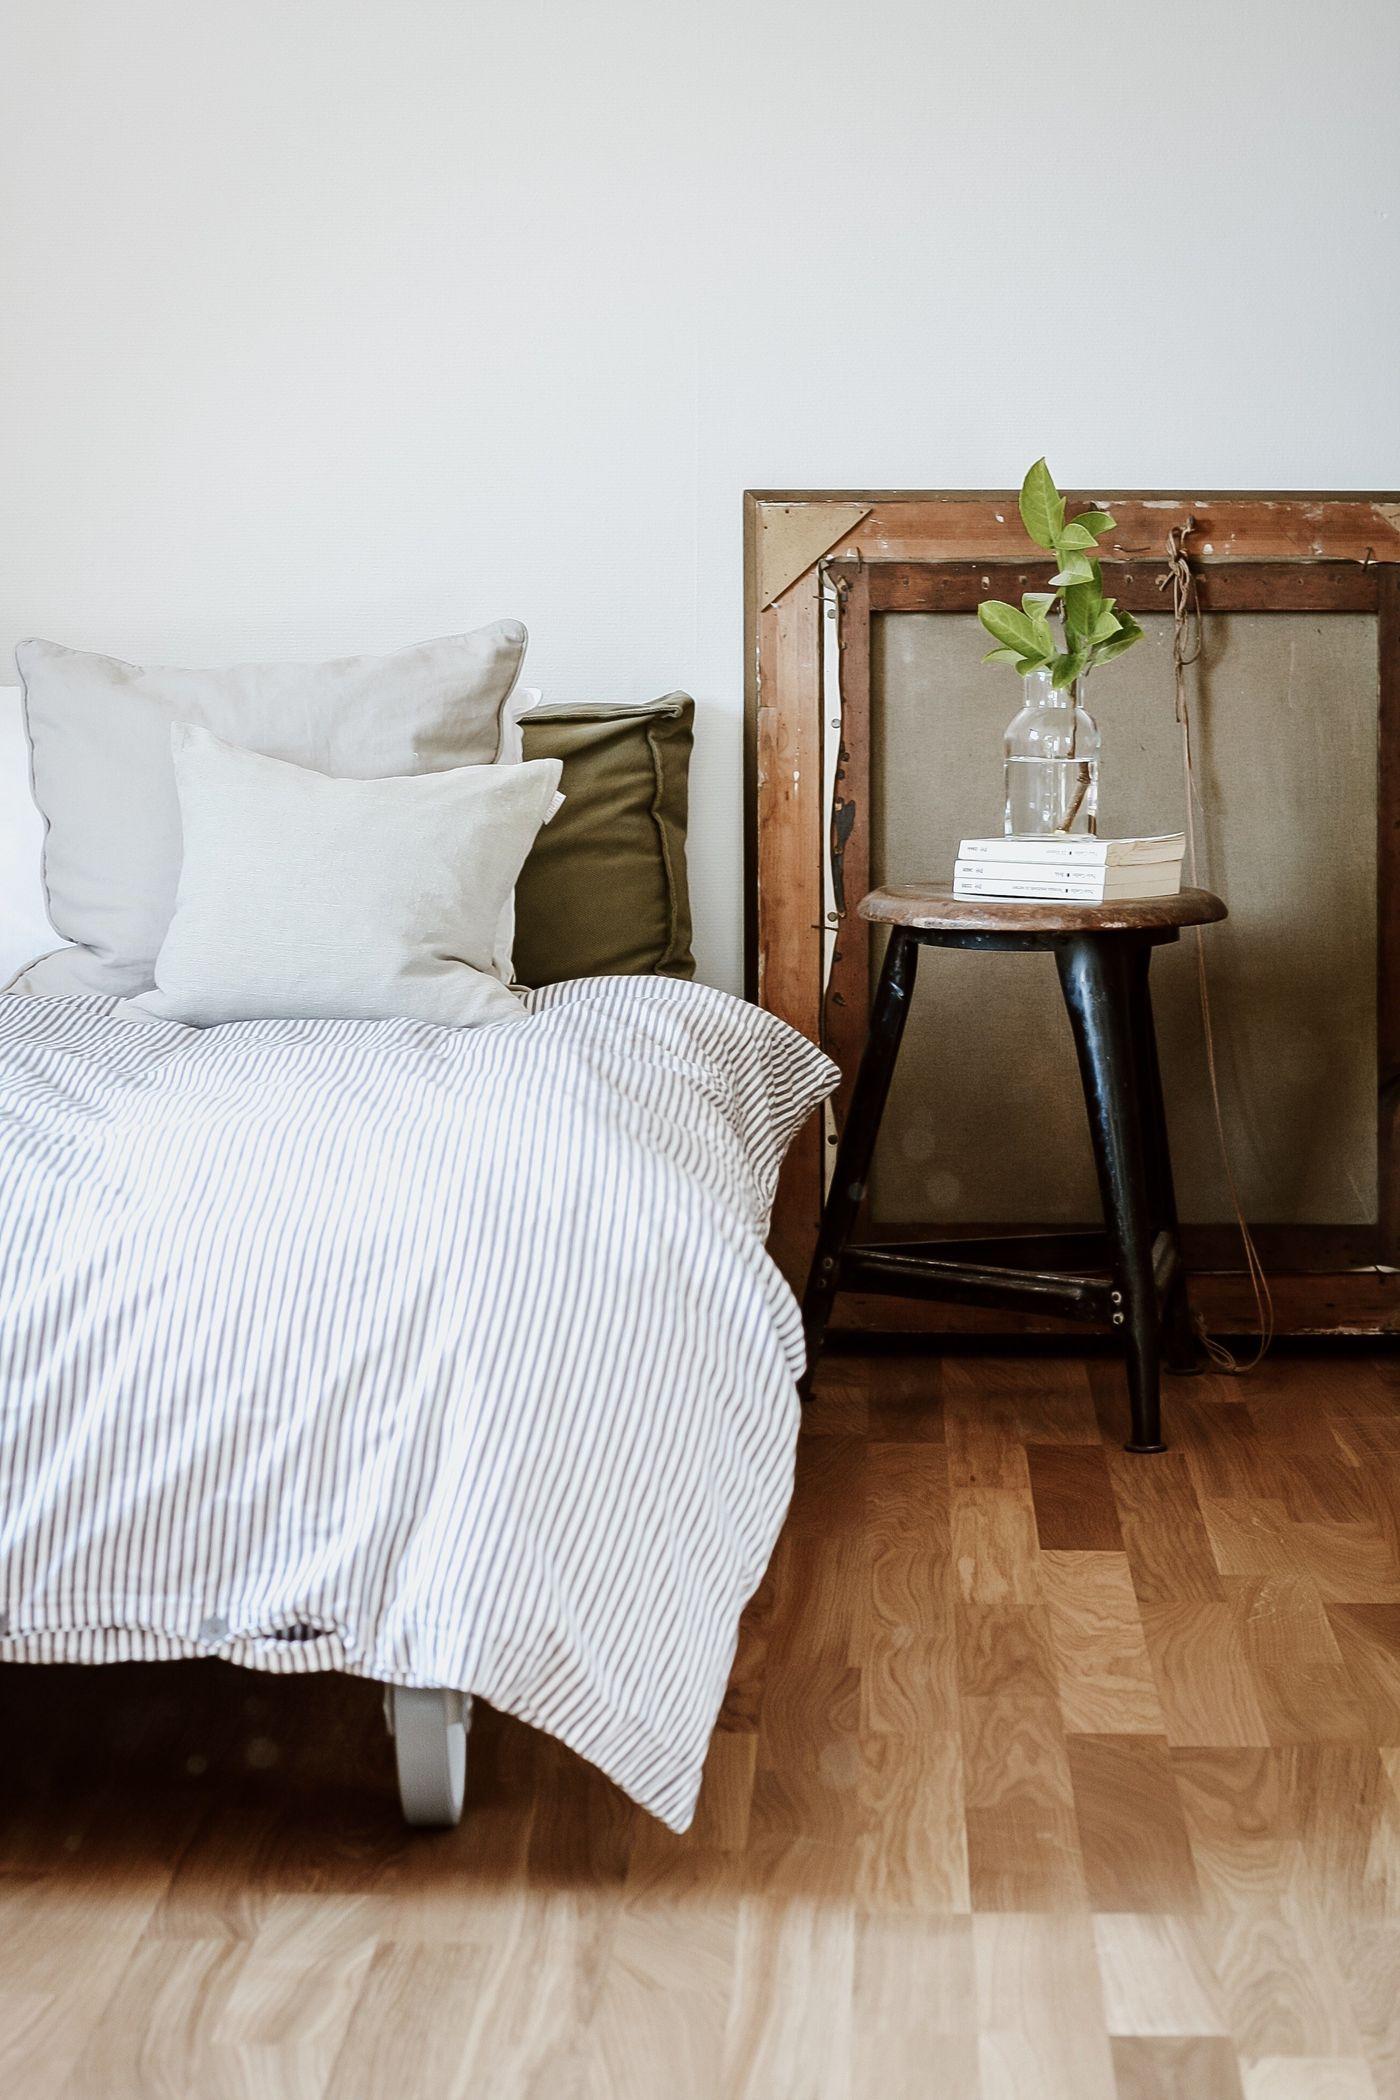 Vintage Schlafzimmer einrichten und dekorieren - Seite 6